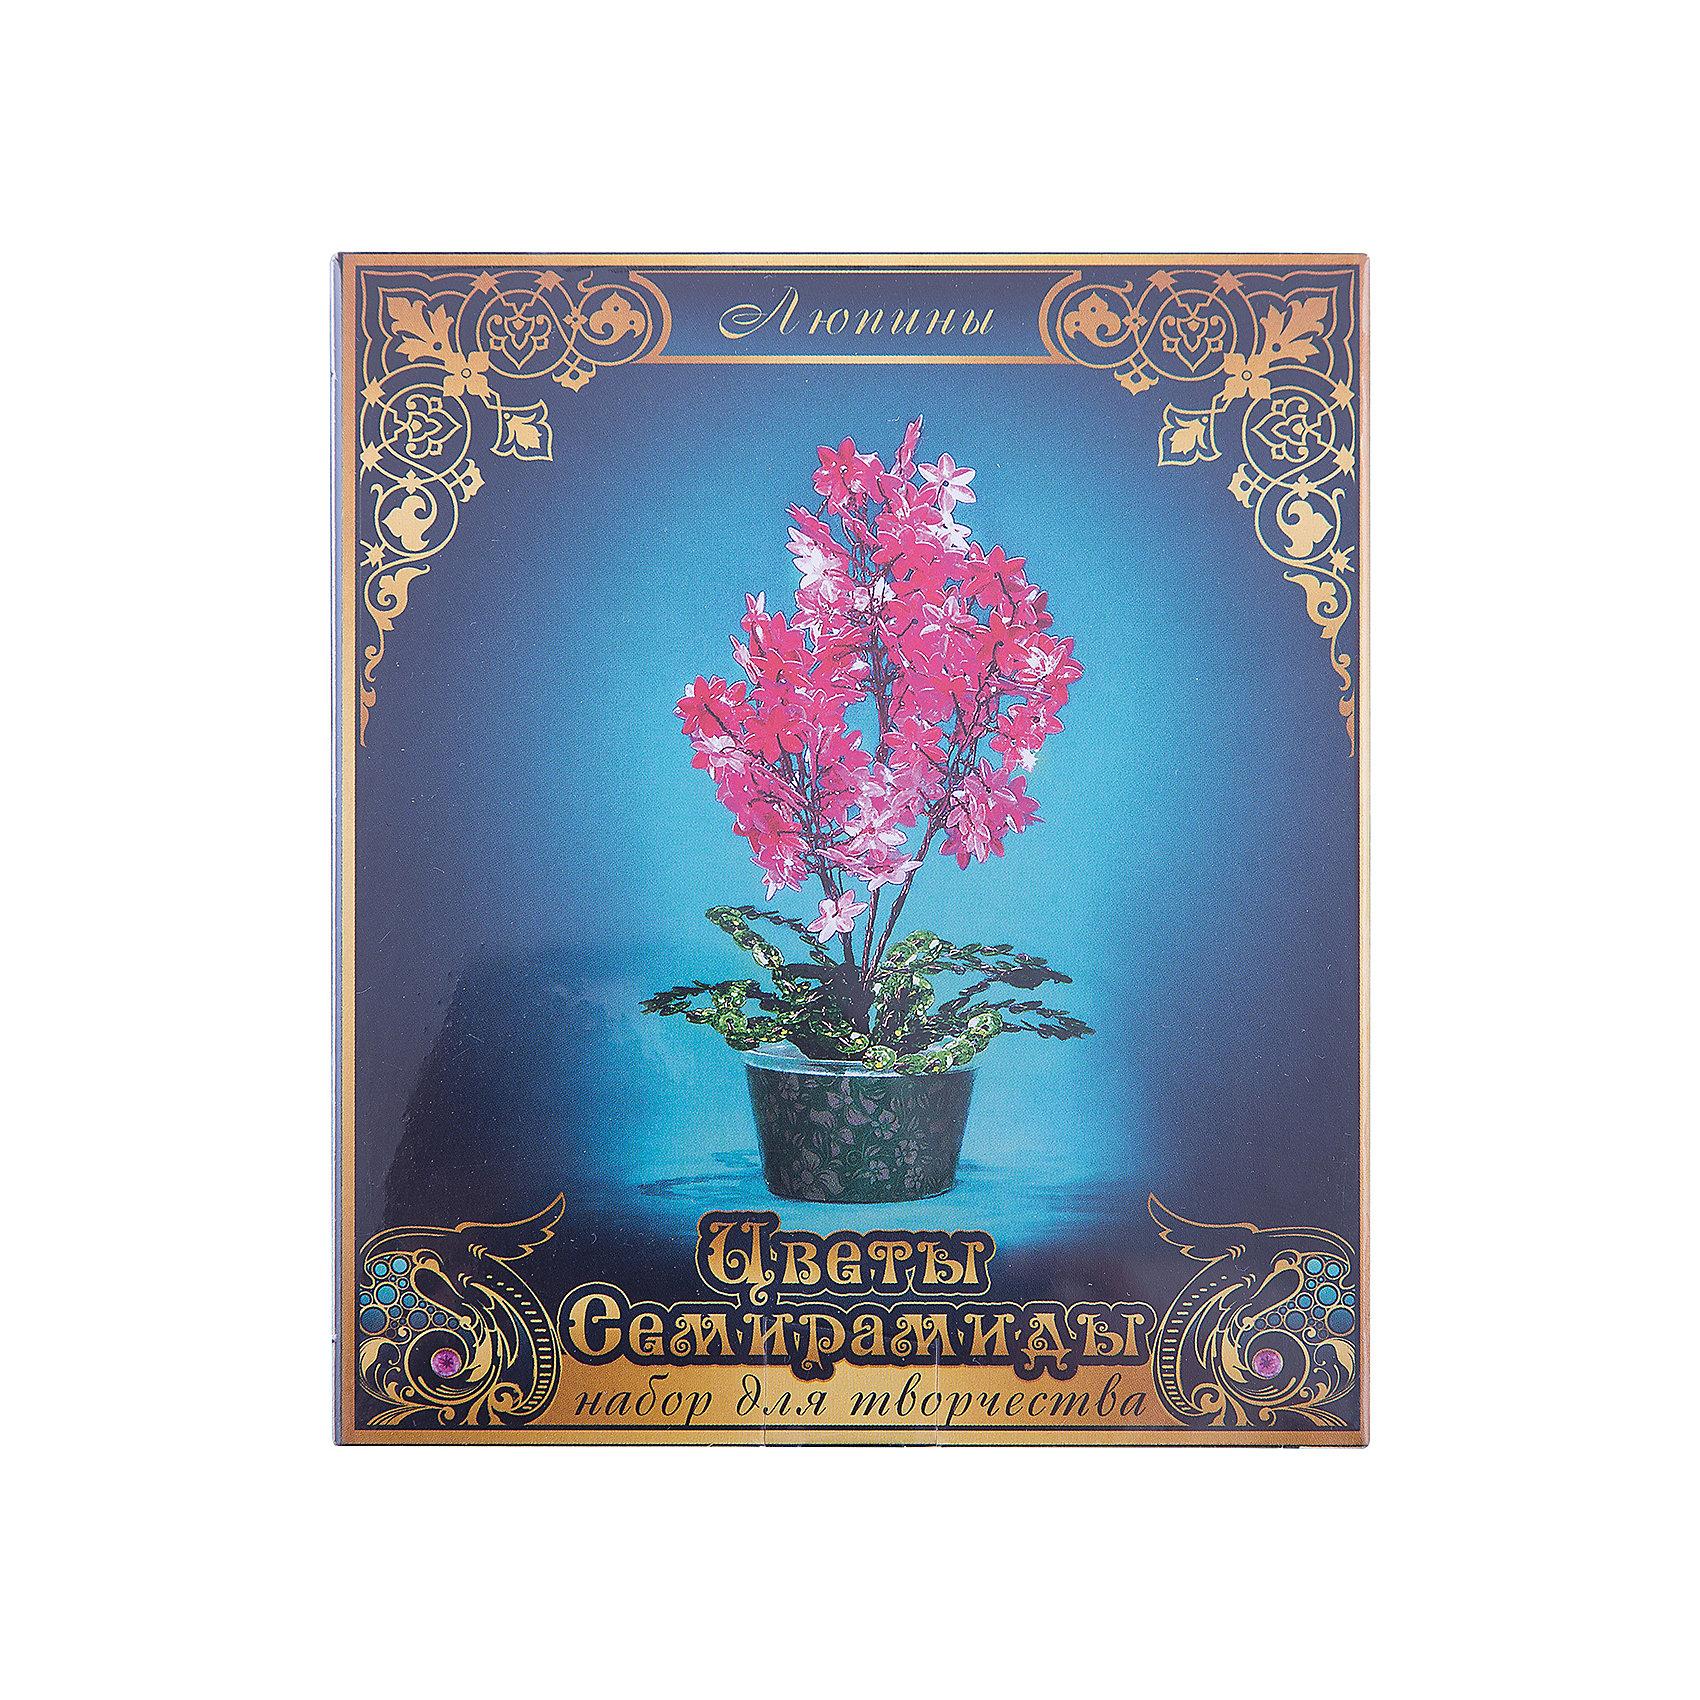 Набор для творчества Цветы Семирамиды ЛюпиныДеревья из пайеток<br>Серия «Цветы Семирамиды» представляют собой комплект необходимых<br>материалов, используя которые можно создать своё «Волшебный цветок» из каждого набора. Наборы предназначены для семейного творчества.<br><br>Ширина мм: 12<br>Глубина мм: 3<br>Высота мм: 14<br>Вес г: 90<br>Возраст от месяцев: 84<br>Возраст до месяцев: 192<br>Пол: Унисекс<br>Возраст: Детский<br>SKU: 5068888